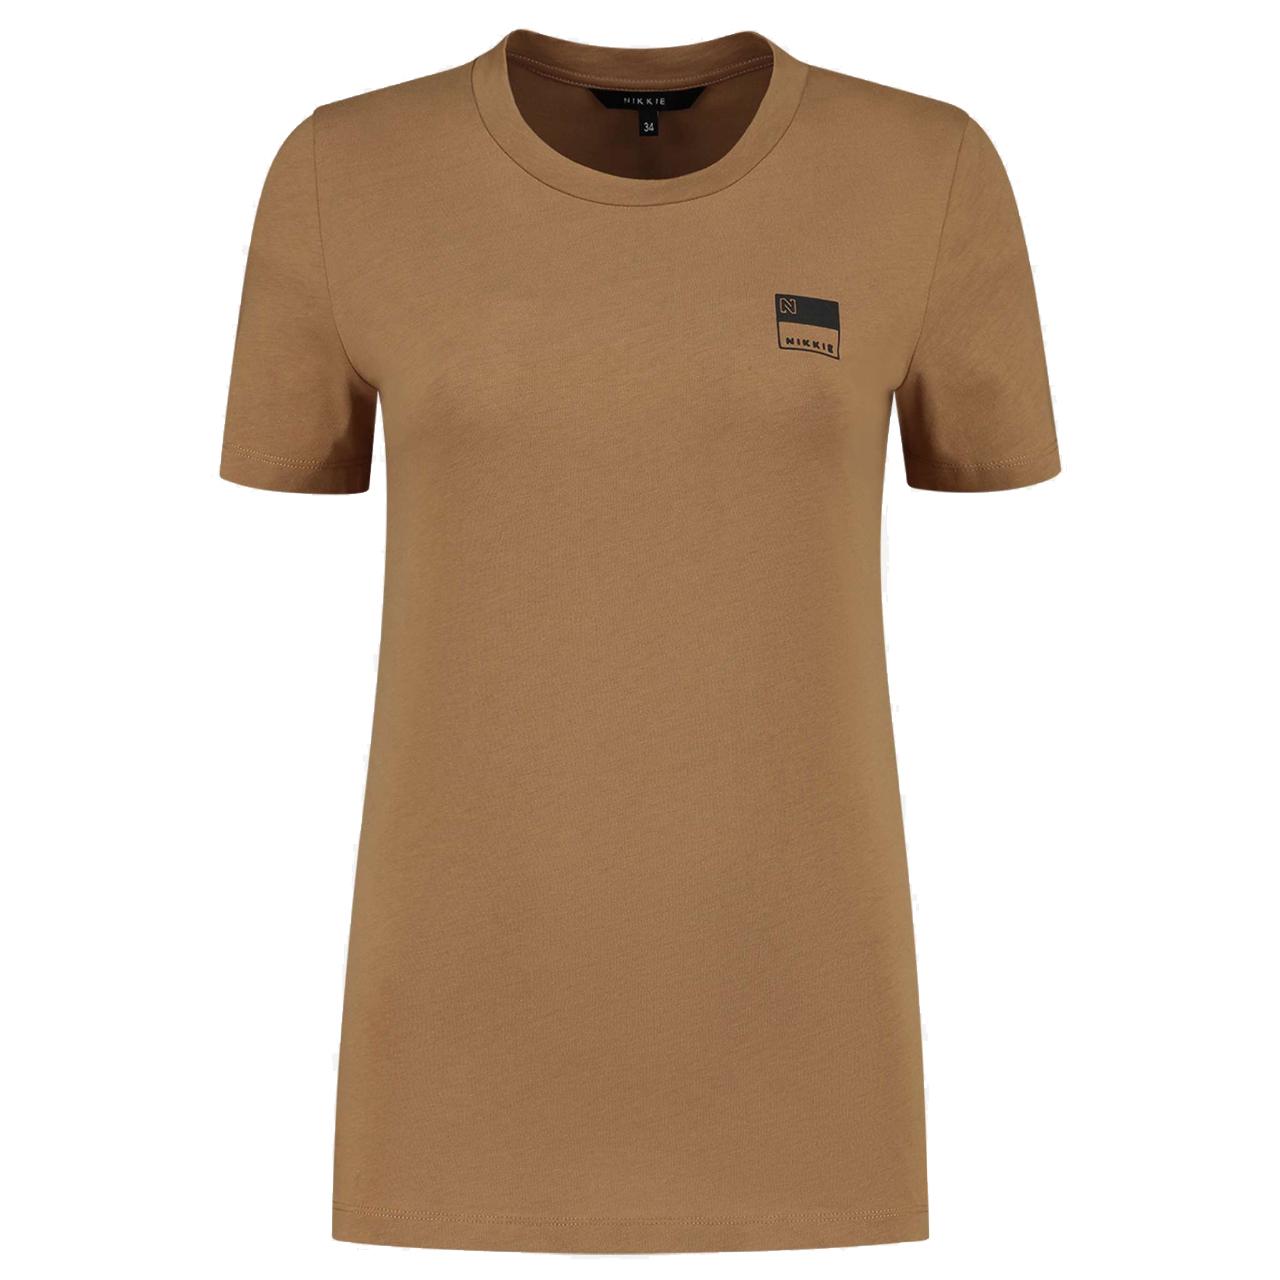 Nikkie Nikki n t-shirt loungewear 50 Bruin - in Pyjama's & Loungewear